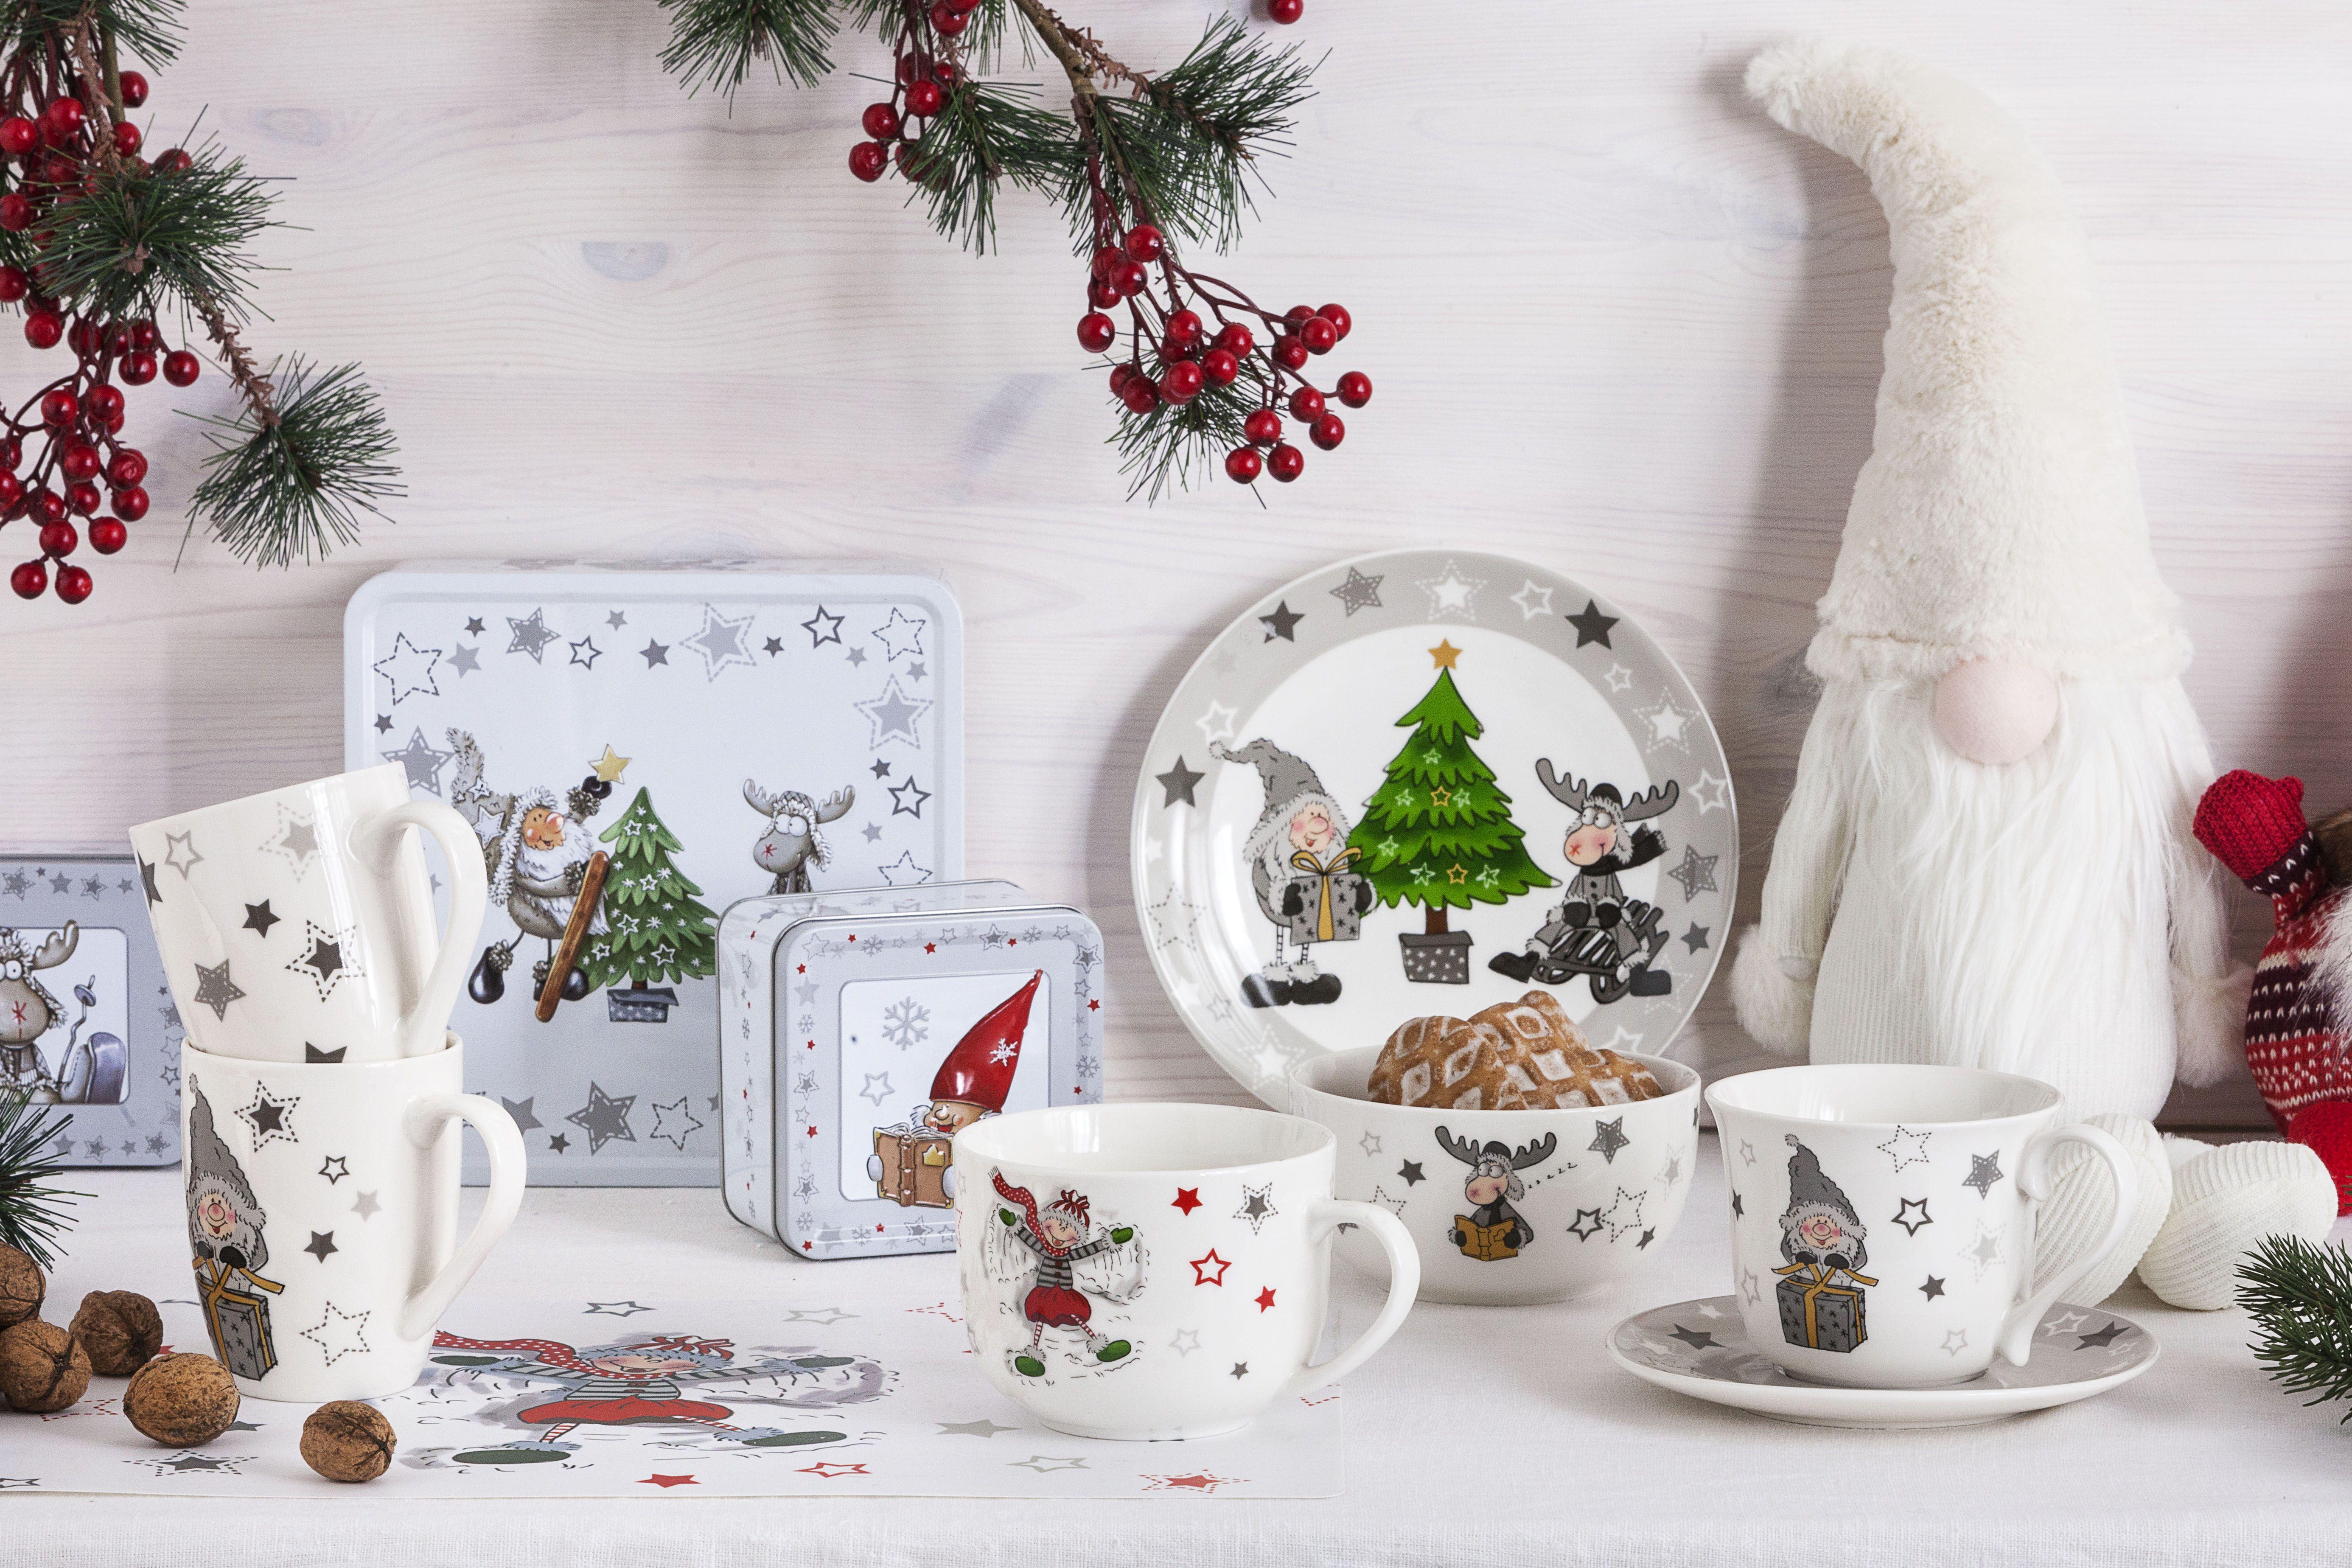 Kolekcja Zimowe Skrzaty Na Boze Narodzenie Decor Design Home Decor